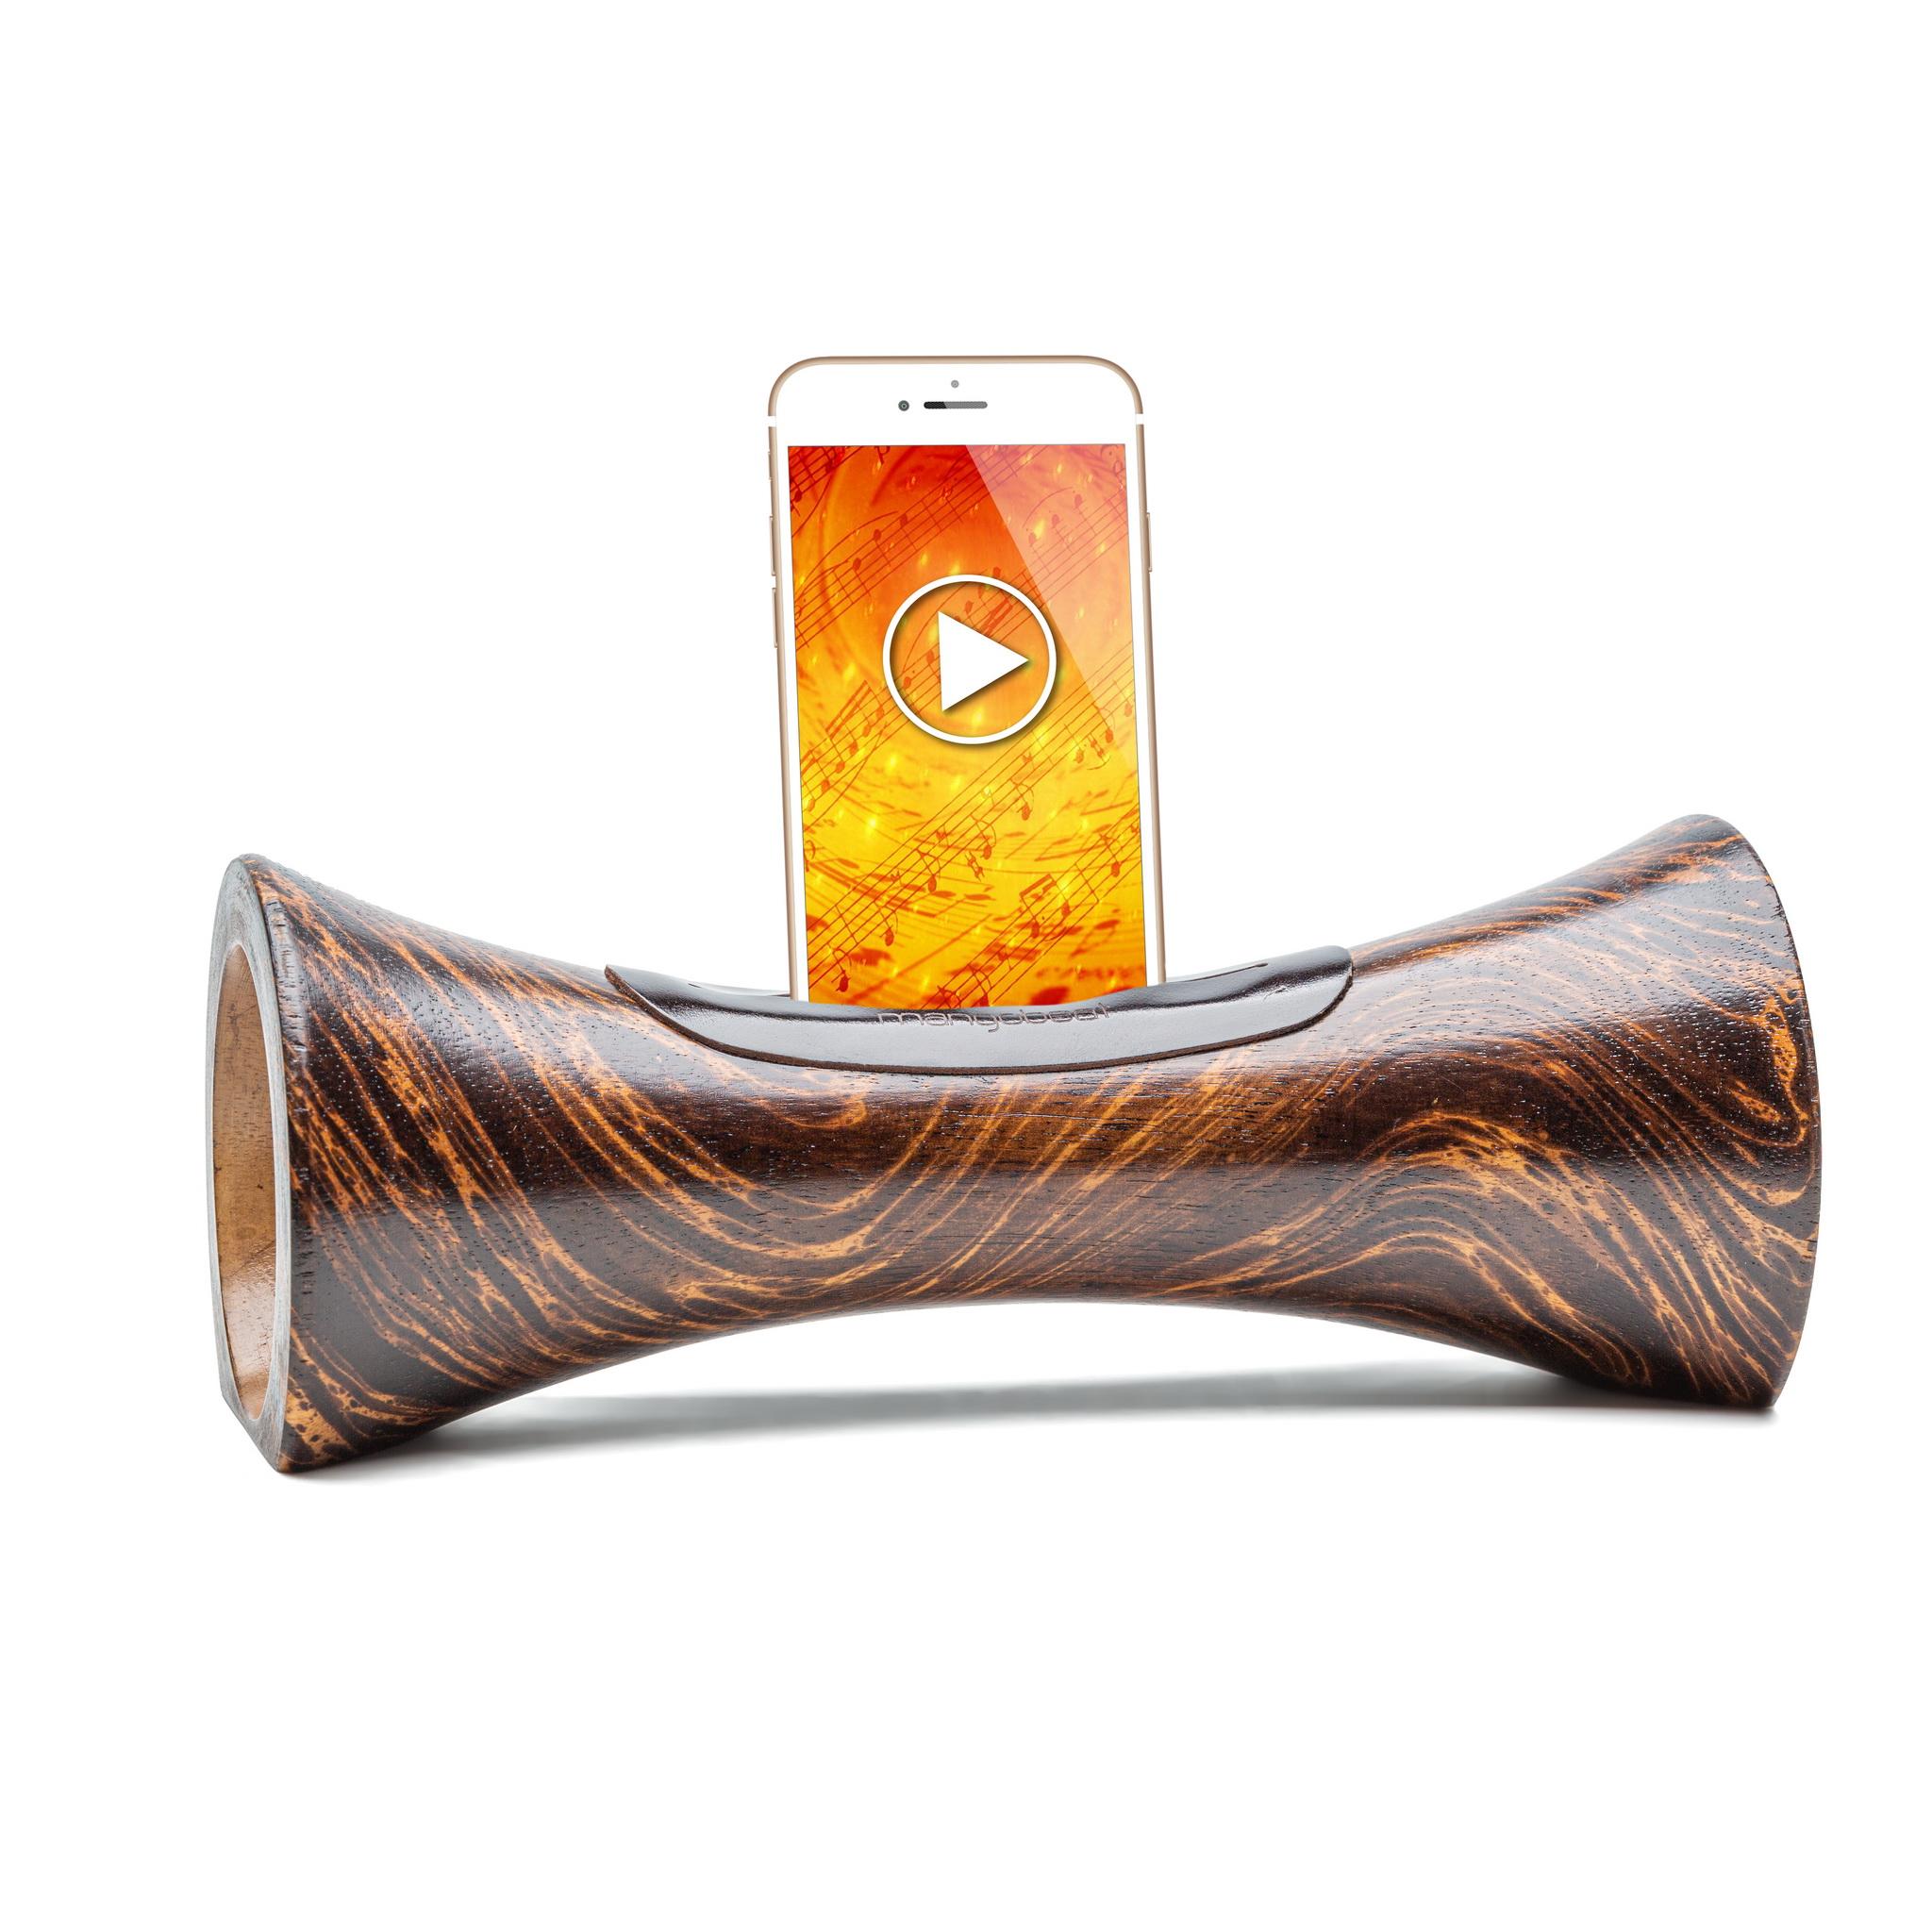 Mangobeat - MANGOBEAT - Amplificateur sonore sans fil ni Bluetooth